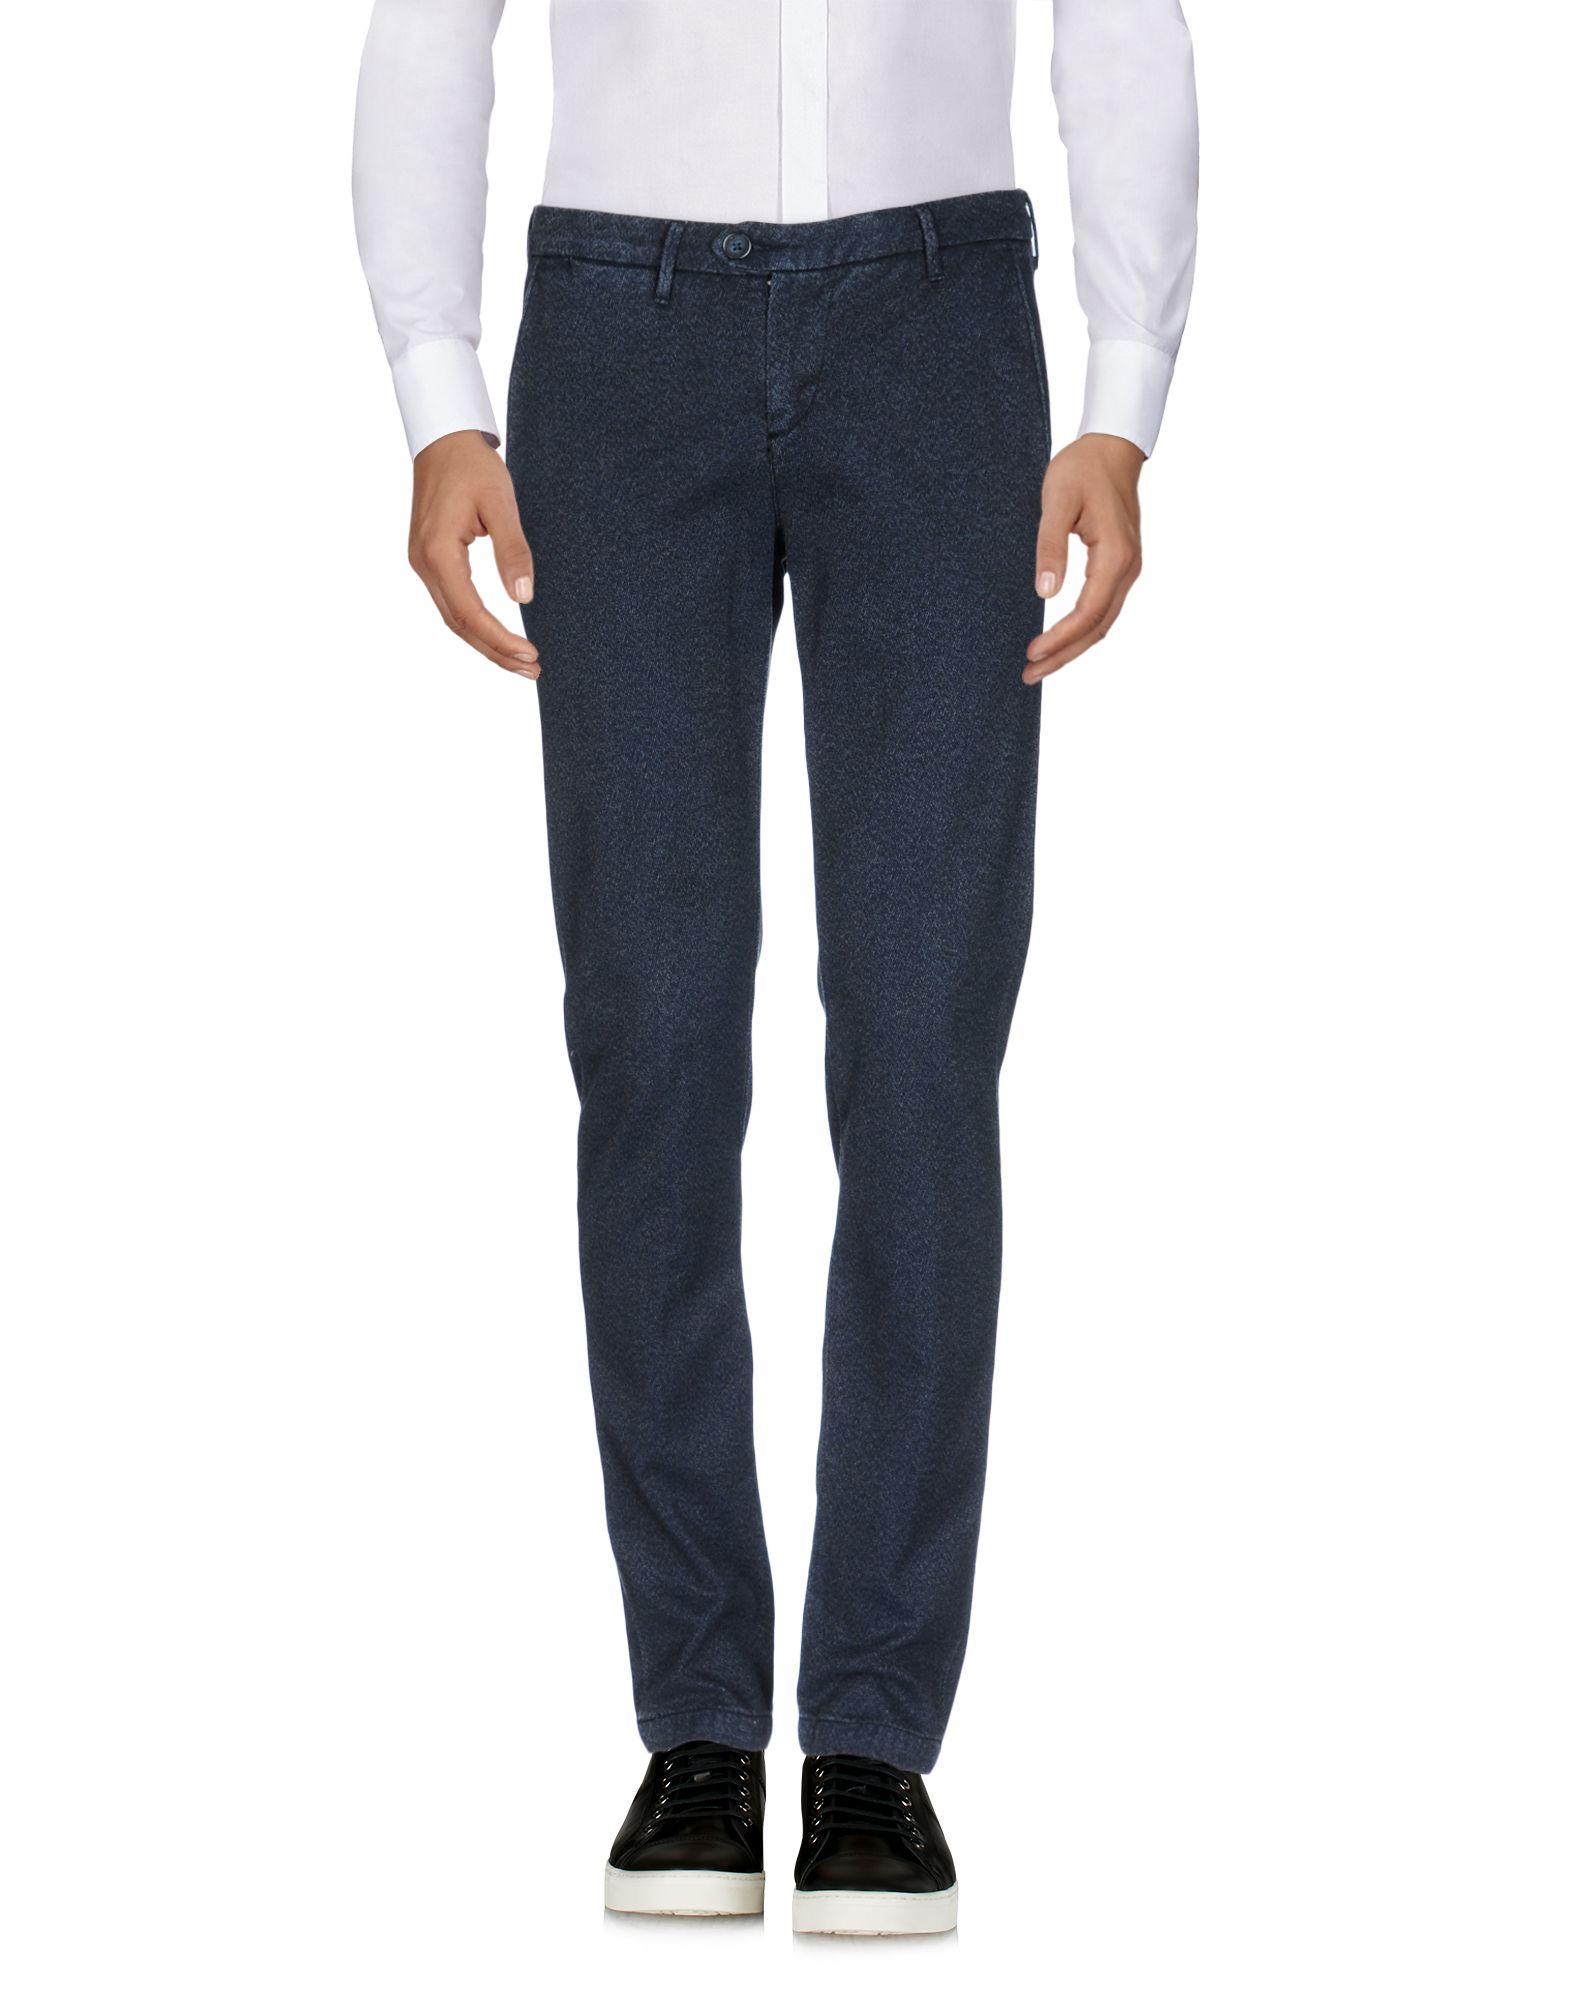 0/ZERO CONSTRUCTION Повседневные брюки брюки сноубордические цена 1500